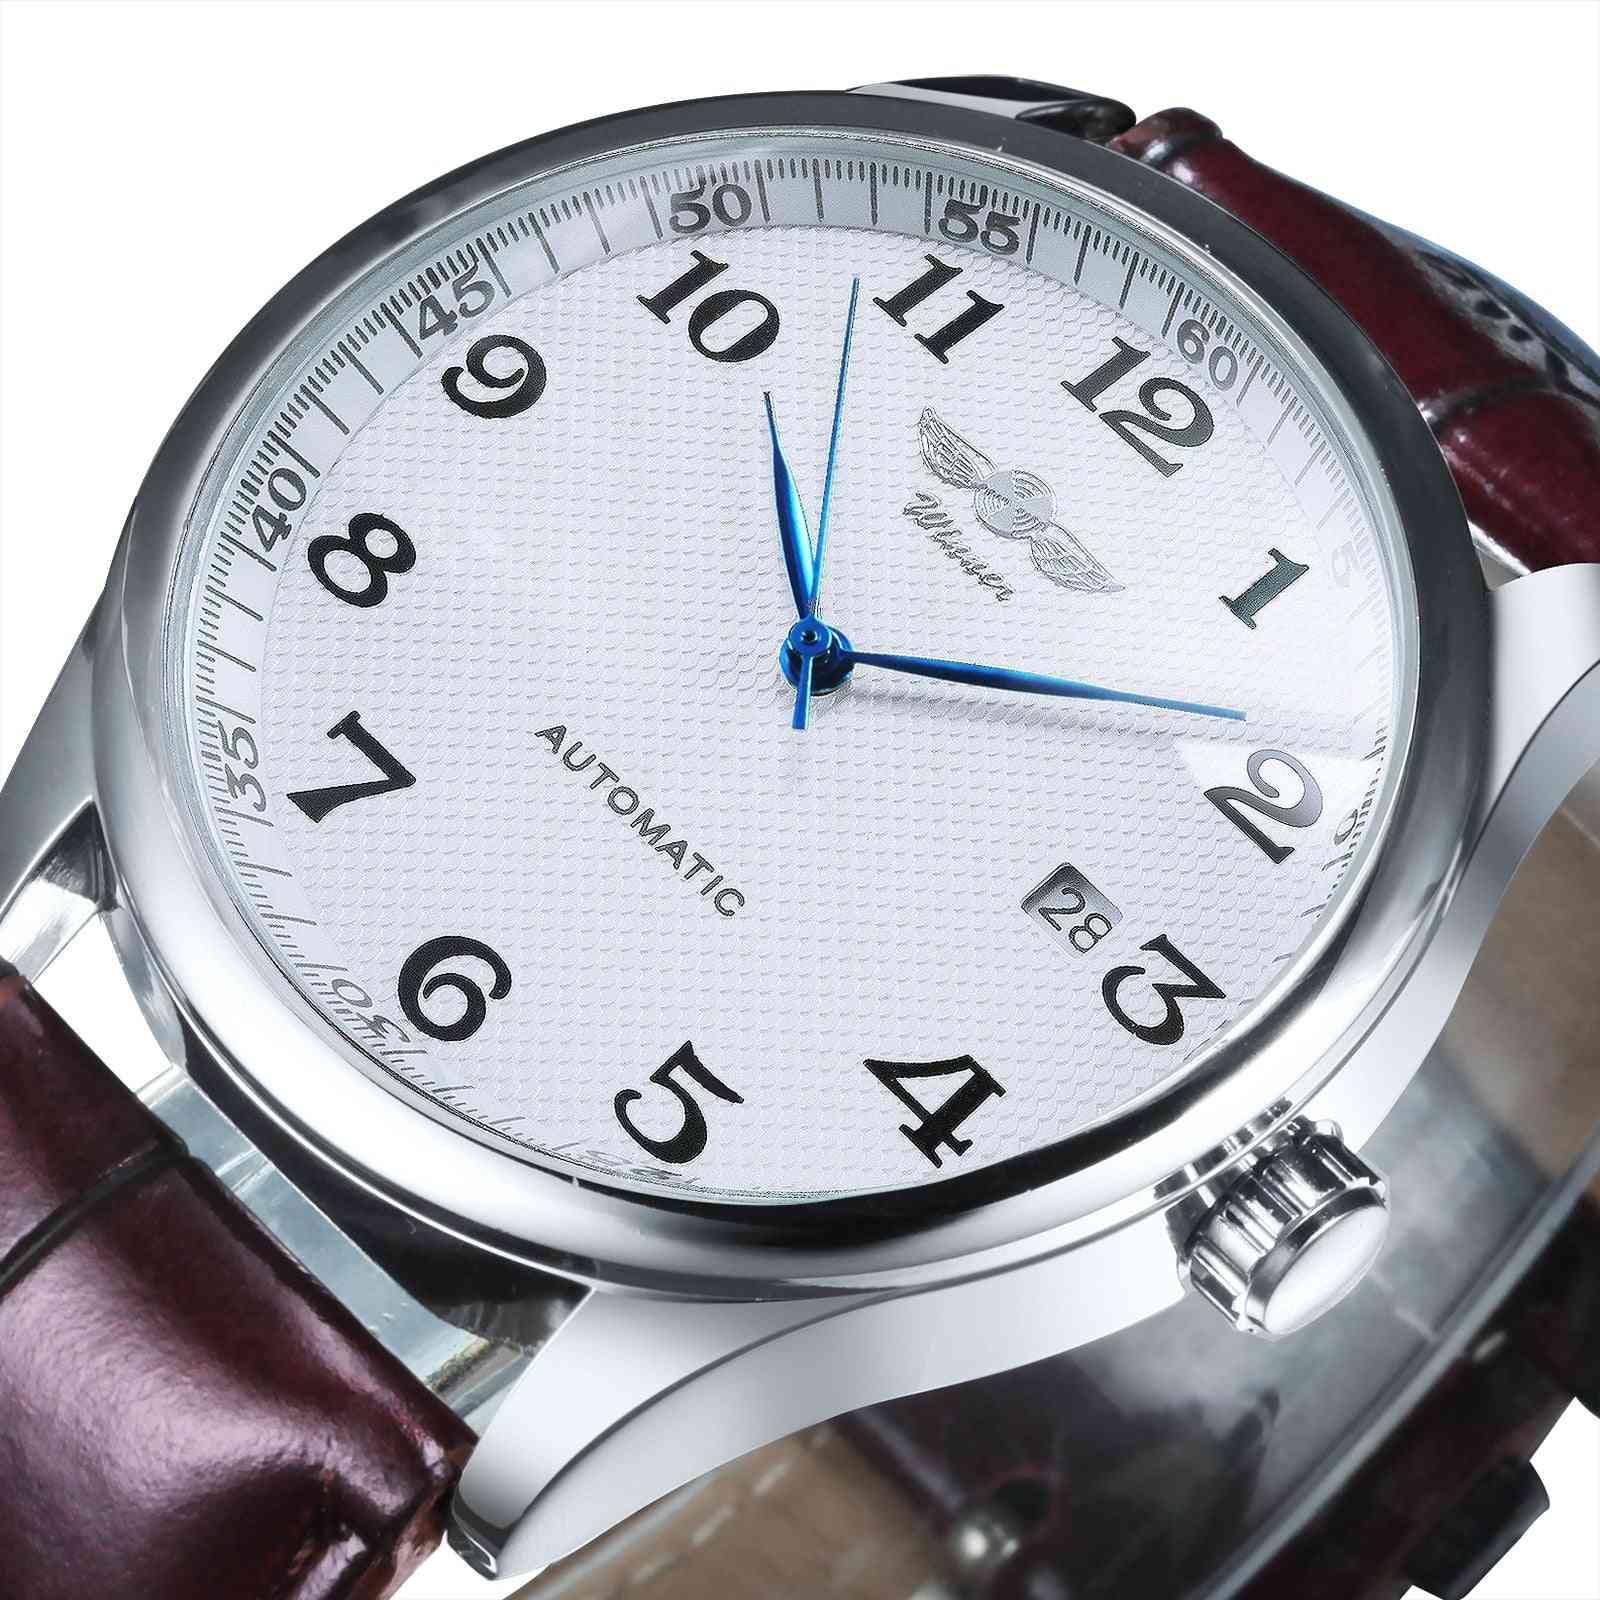 Fashion Automatic Mechanical Watch